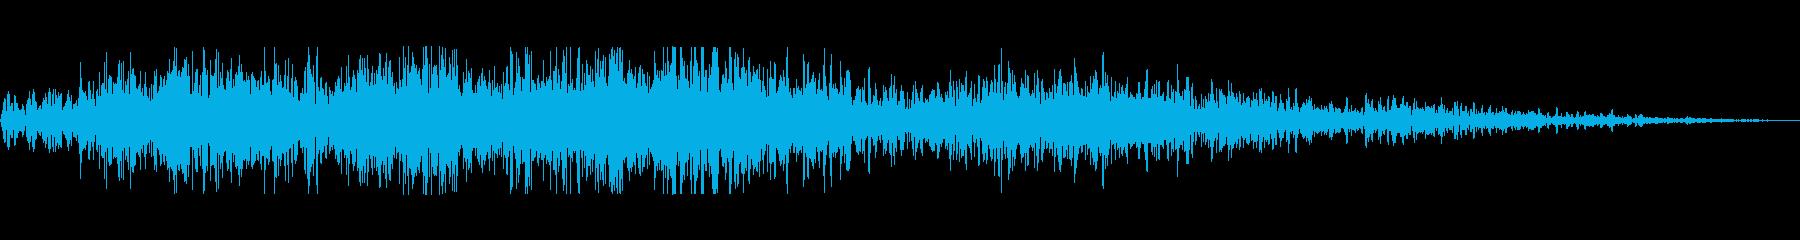 大型宇宙爆発、SCI FI宇宙爆発の再生済みの波形